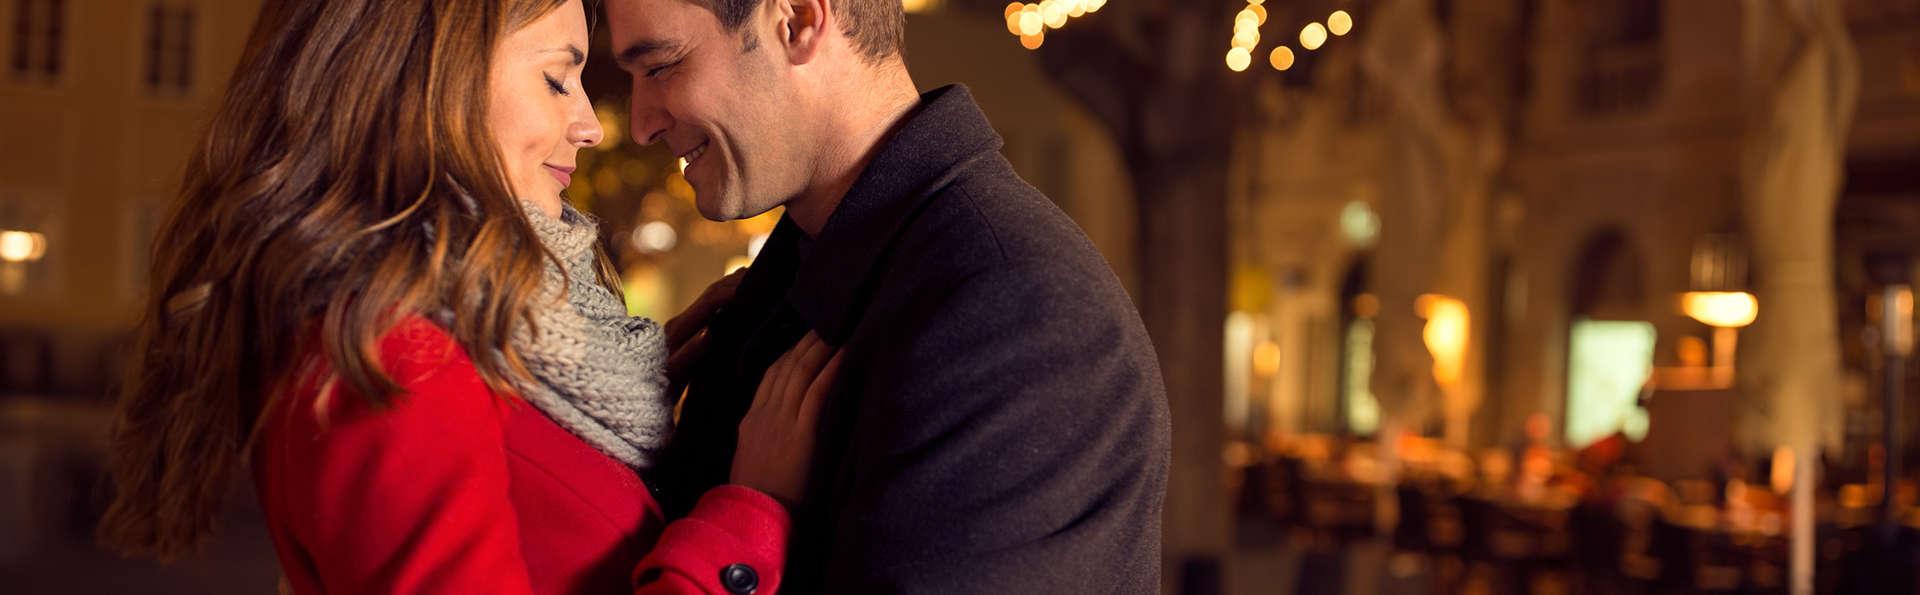 Definimos romanticismo: cenas a la luz de las velas y brindis espumoso (2 noches)